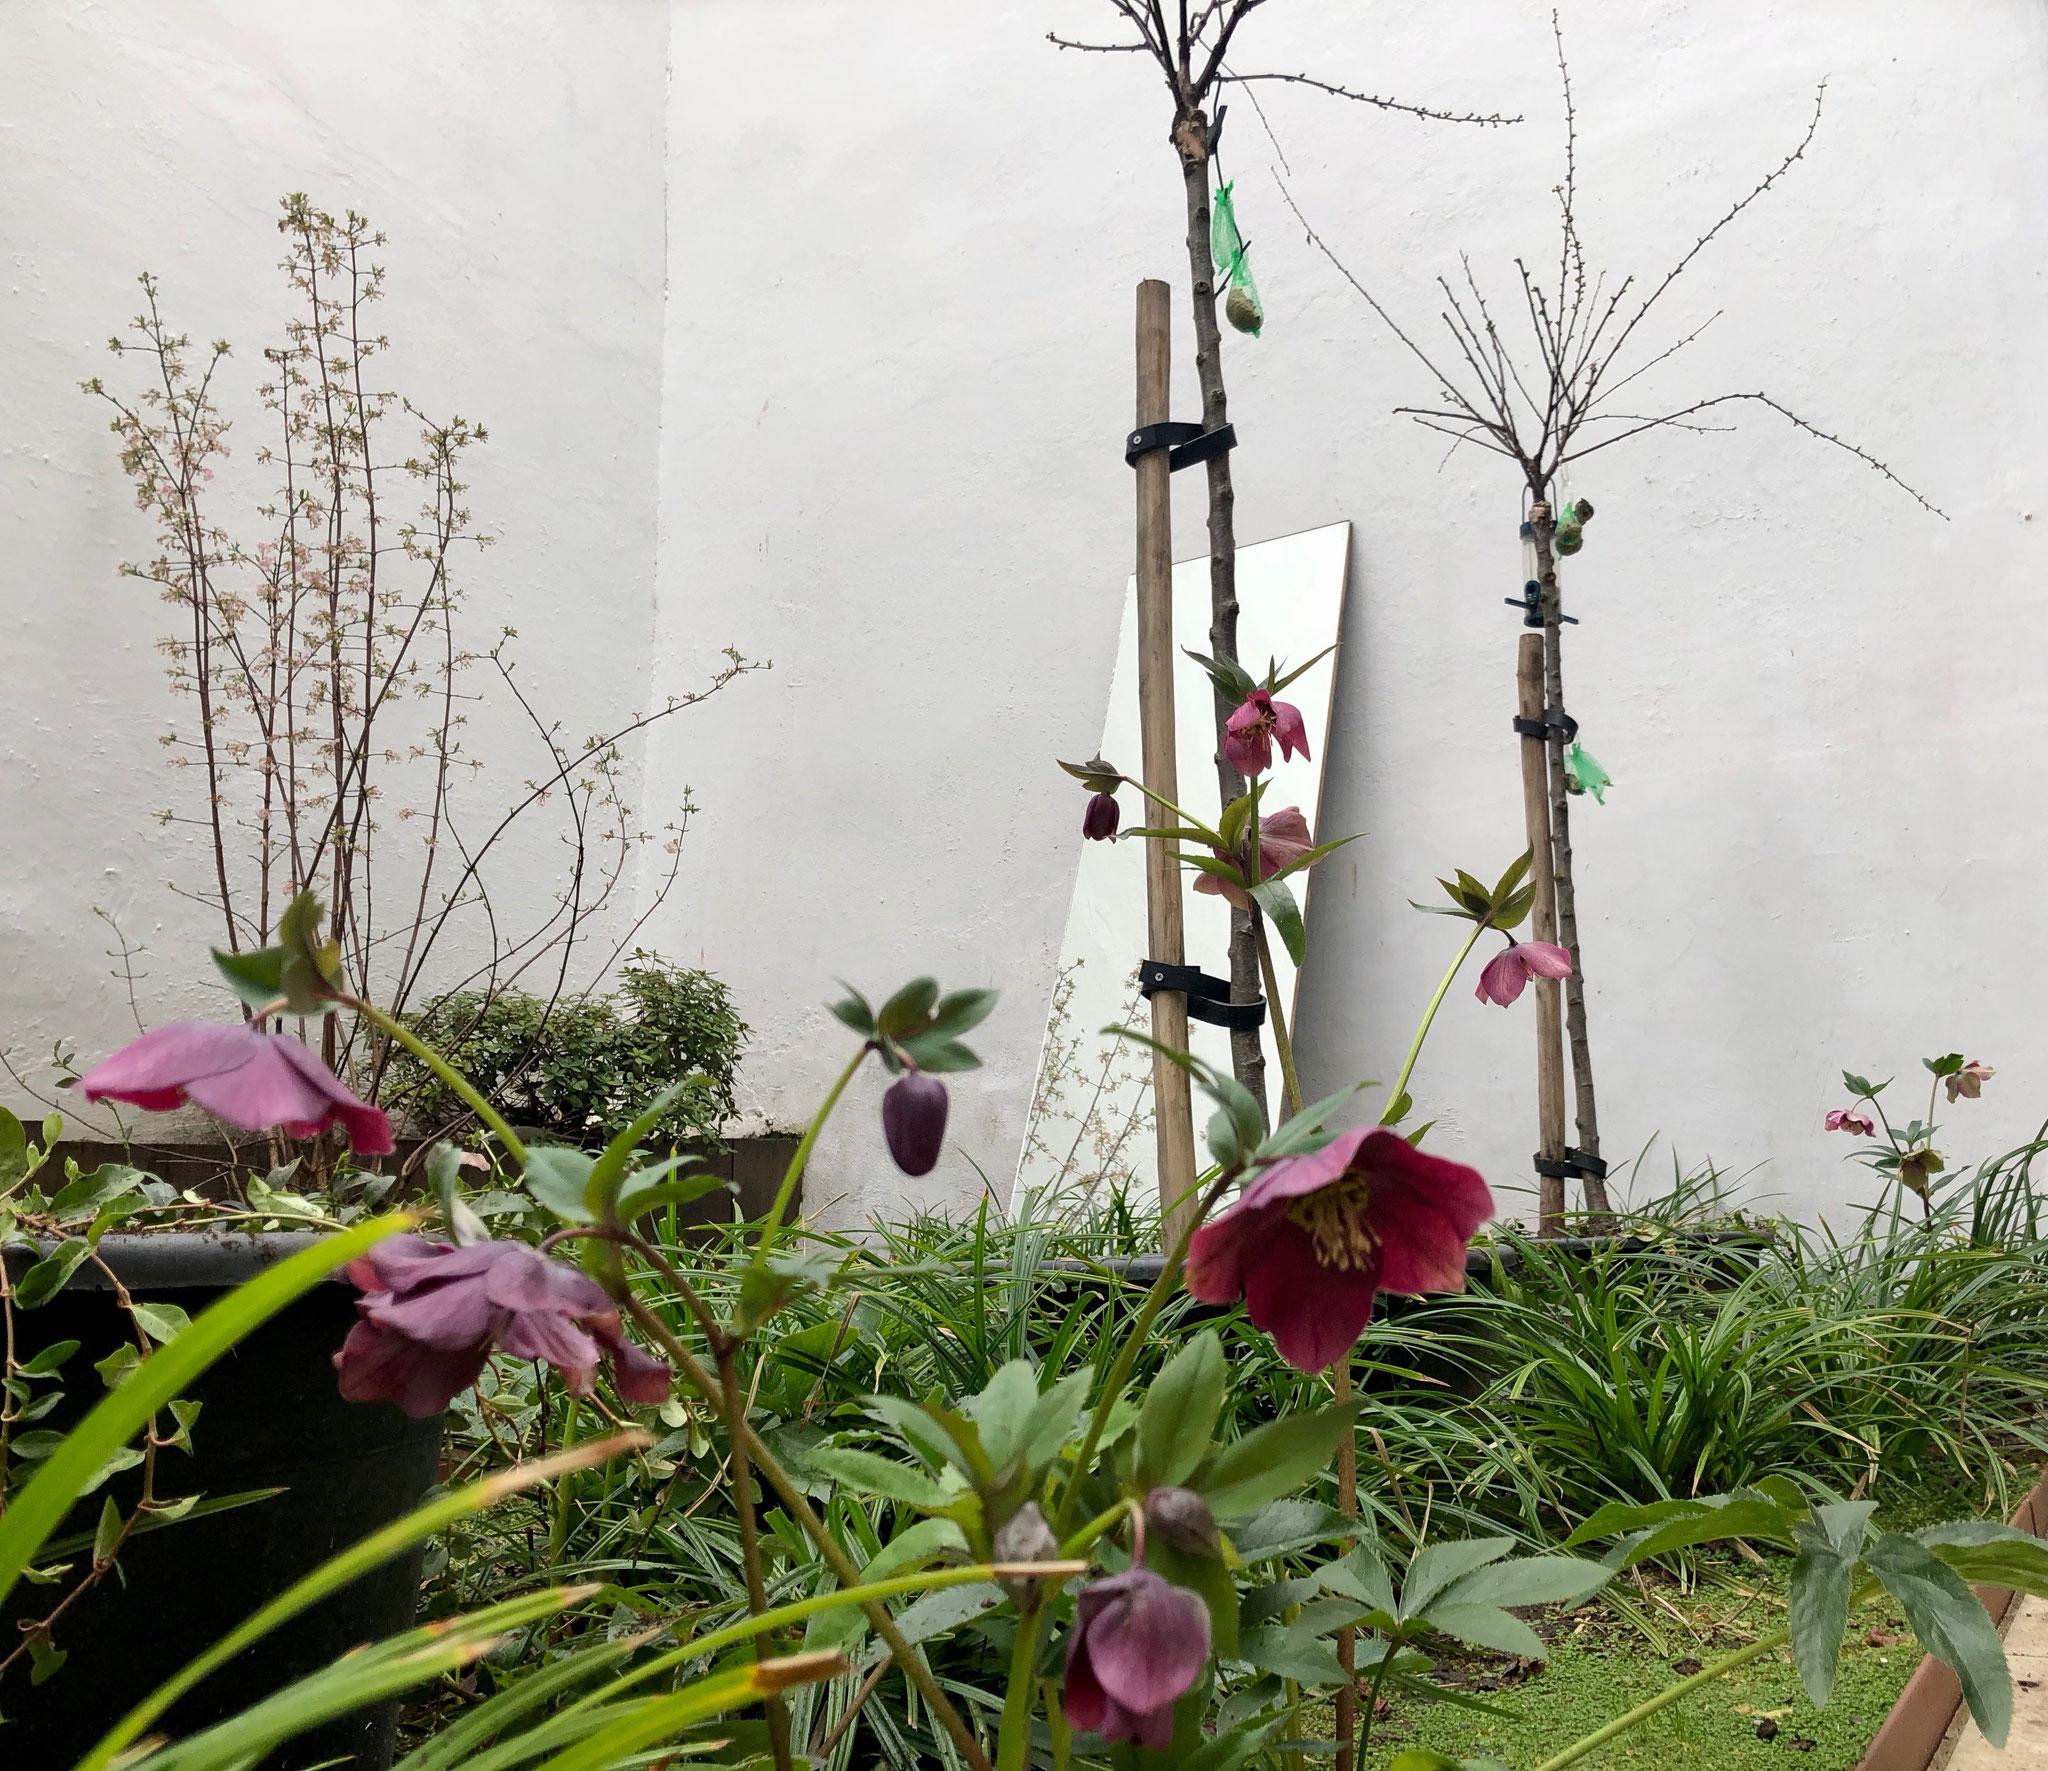 Cour de 40m2 - Jardin aux oiseaux - Printemps 2019 / +1,5 ans / Hellébores et viorne en fleur. Aménagement jardin Bruxelles